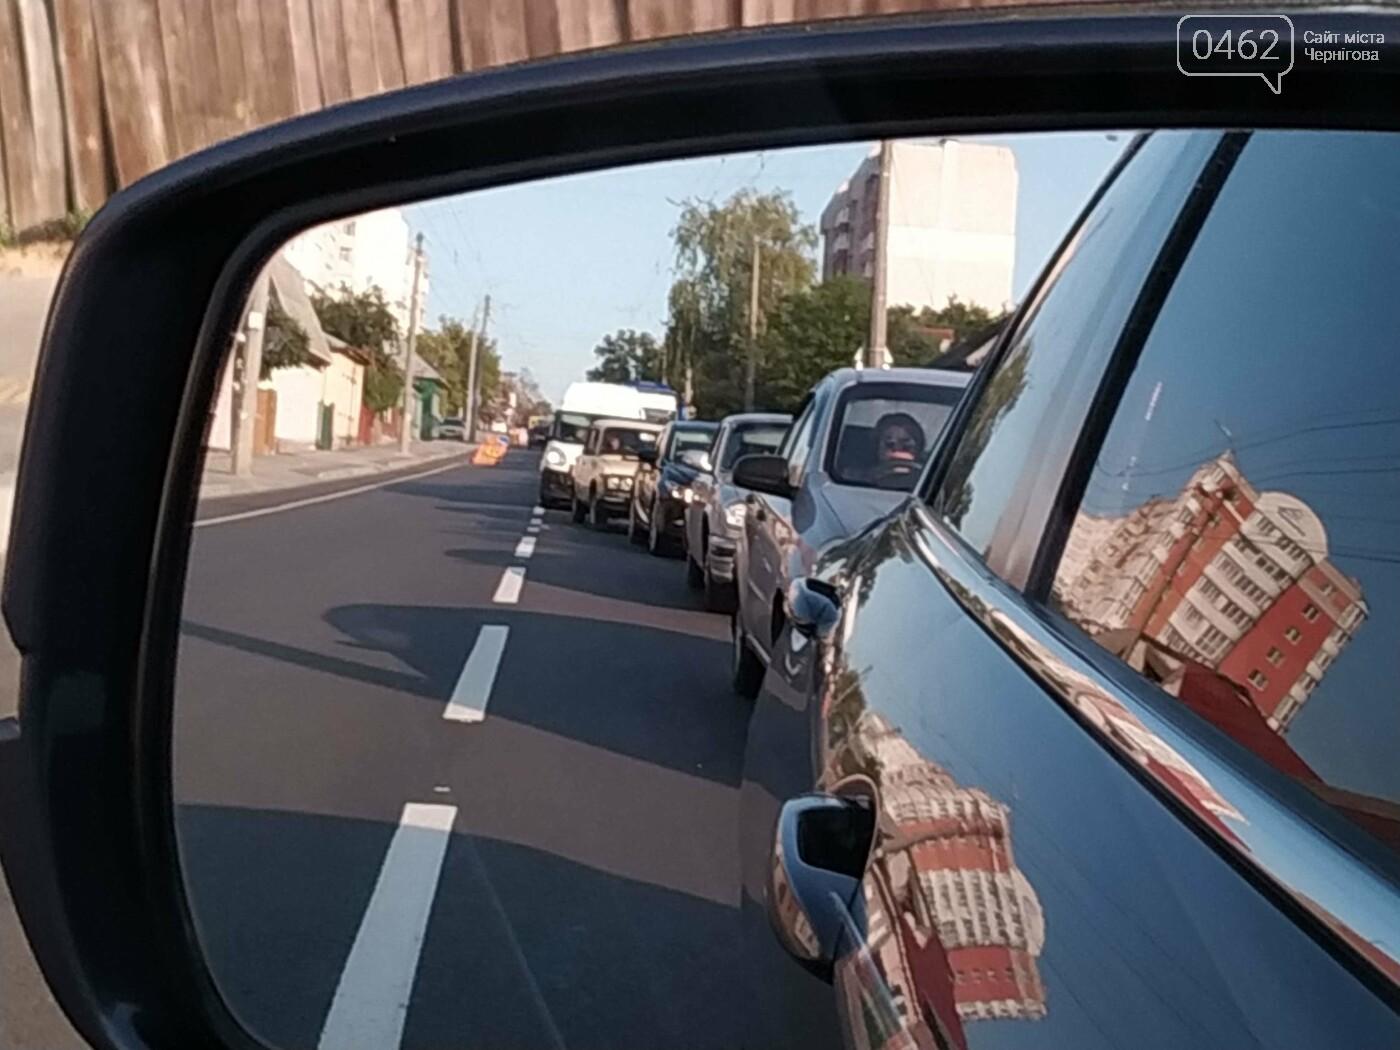 Пішки швидше: чому в Чернігові з'явились величезні затори, і як їх позбутись, фото-3